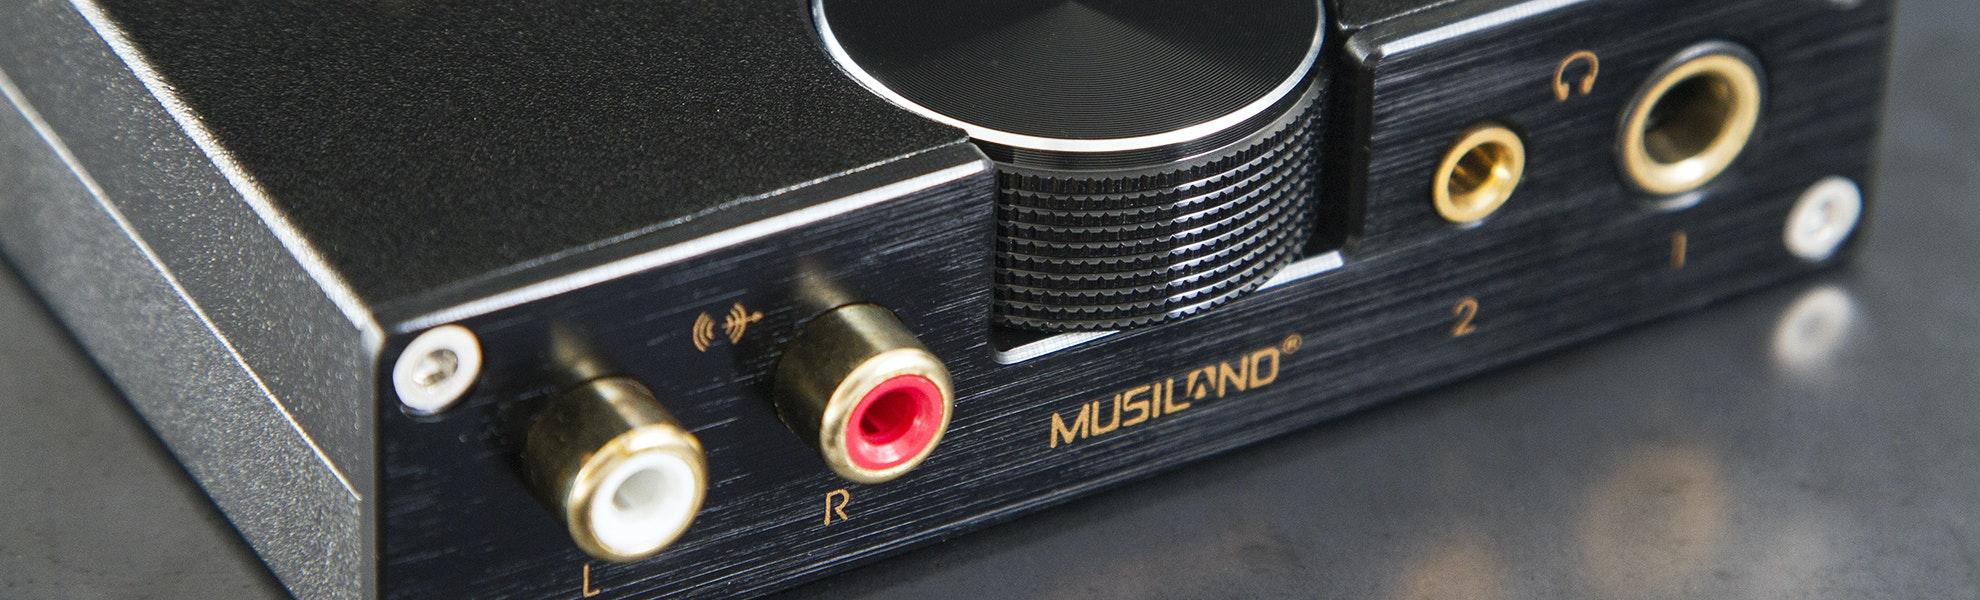 Musiland Monitor 02US Dragon DAC/Amp